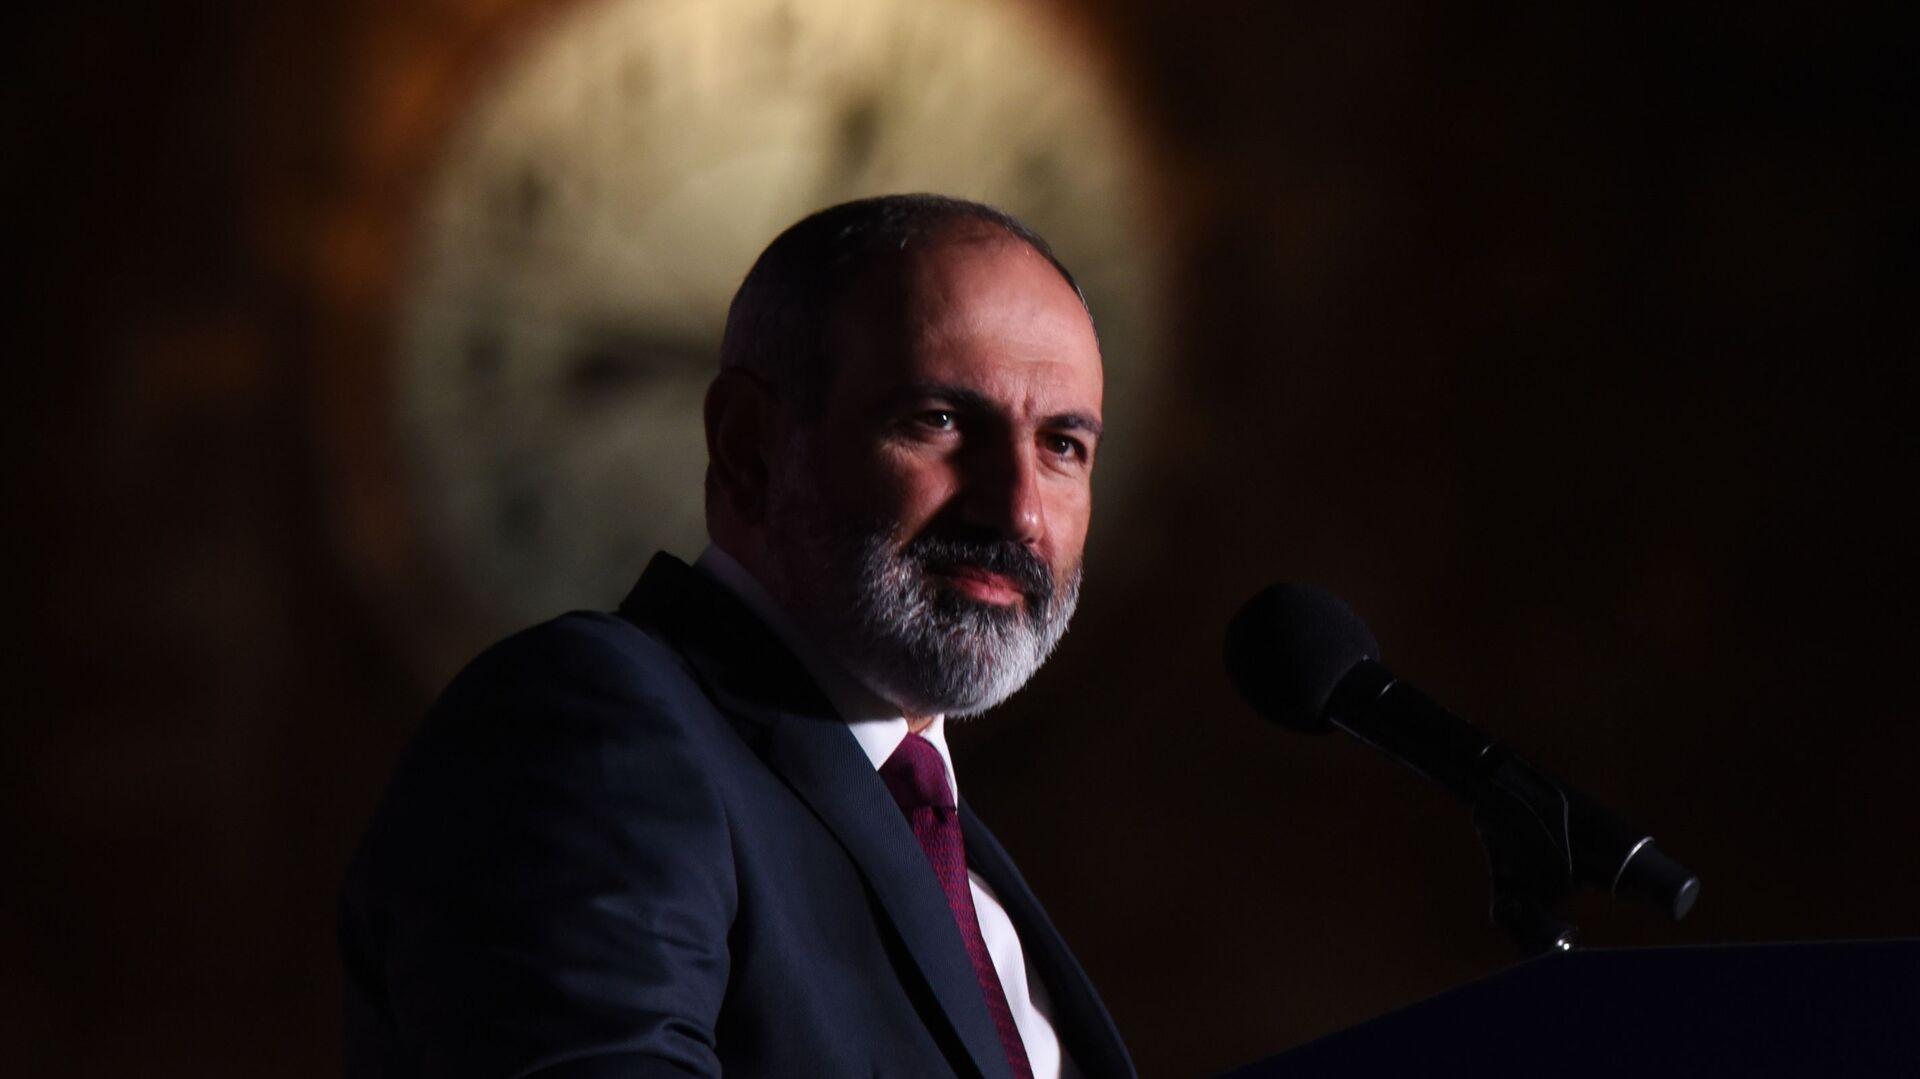 Ermenistan Başbakanı Nikol Paşinyan - Sputnik Türkiye, 1920, 21.06.2021